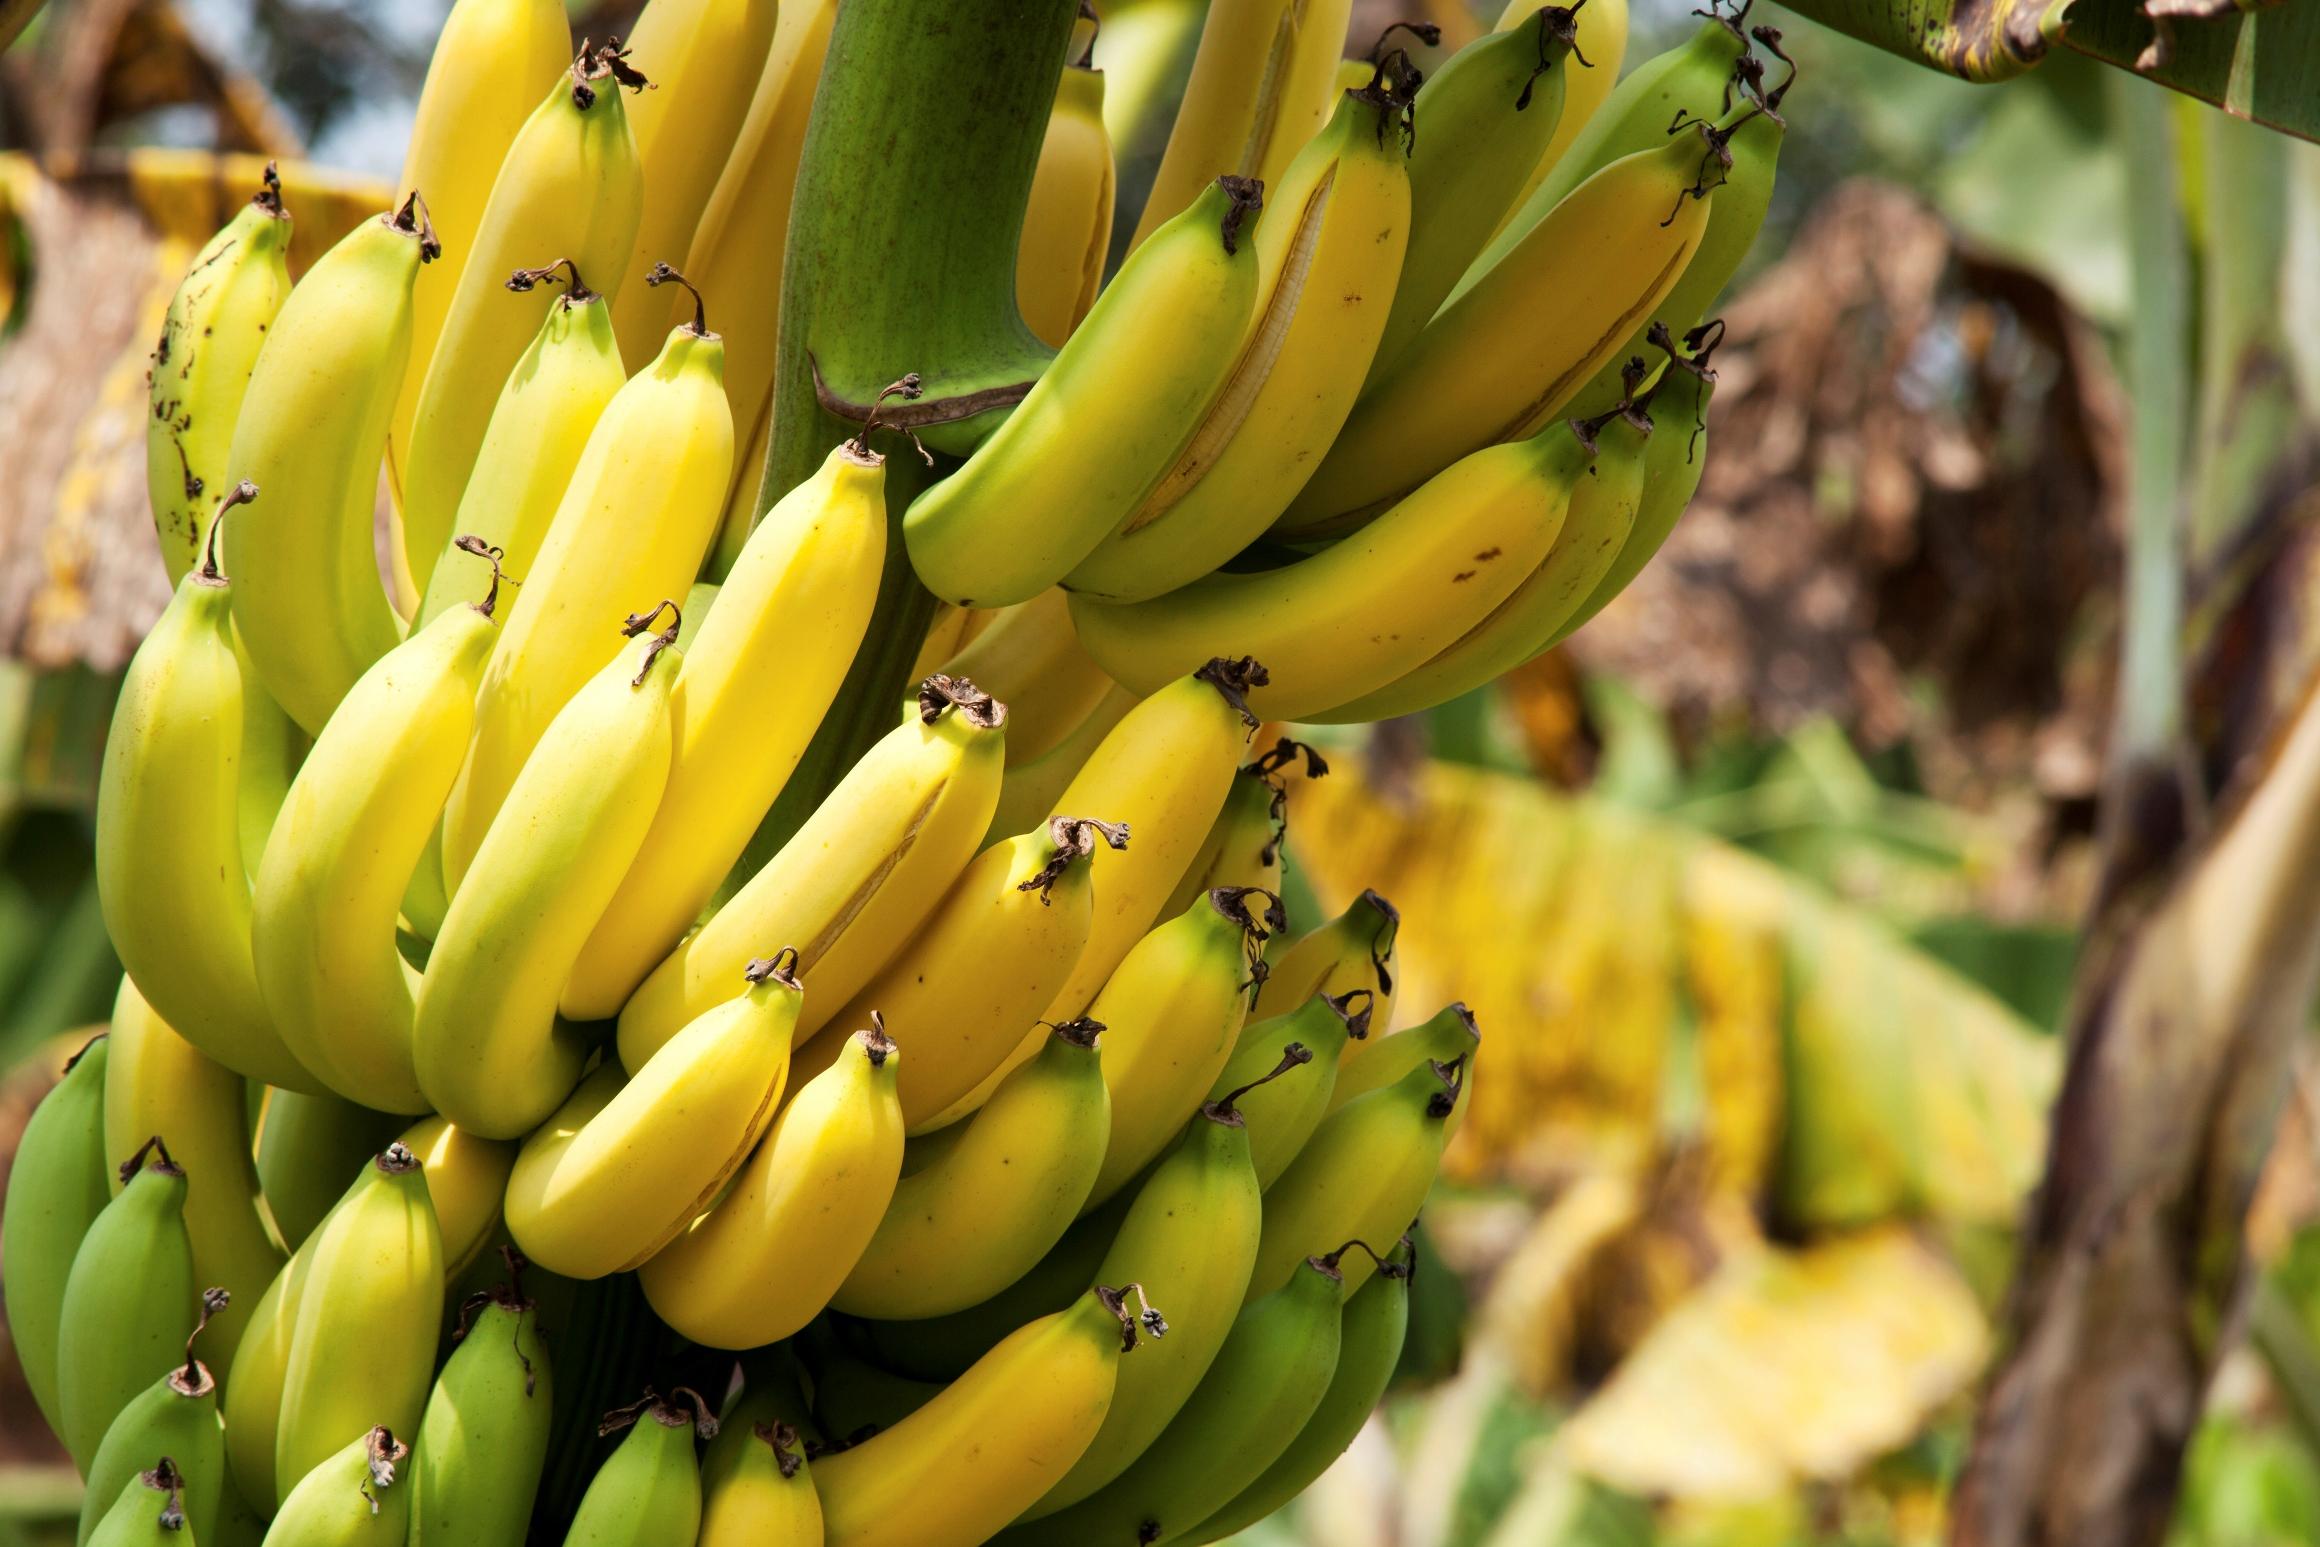 под фрукты бананы деревья фото качественной фурнитуры